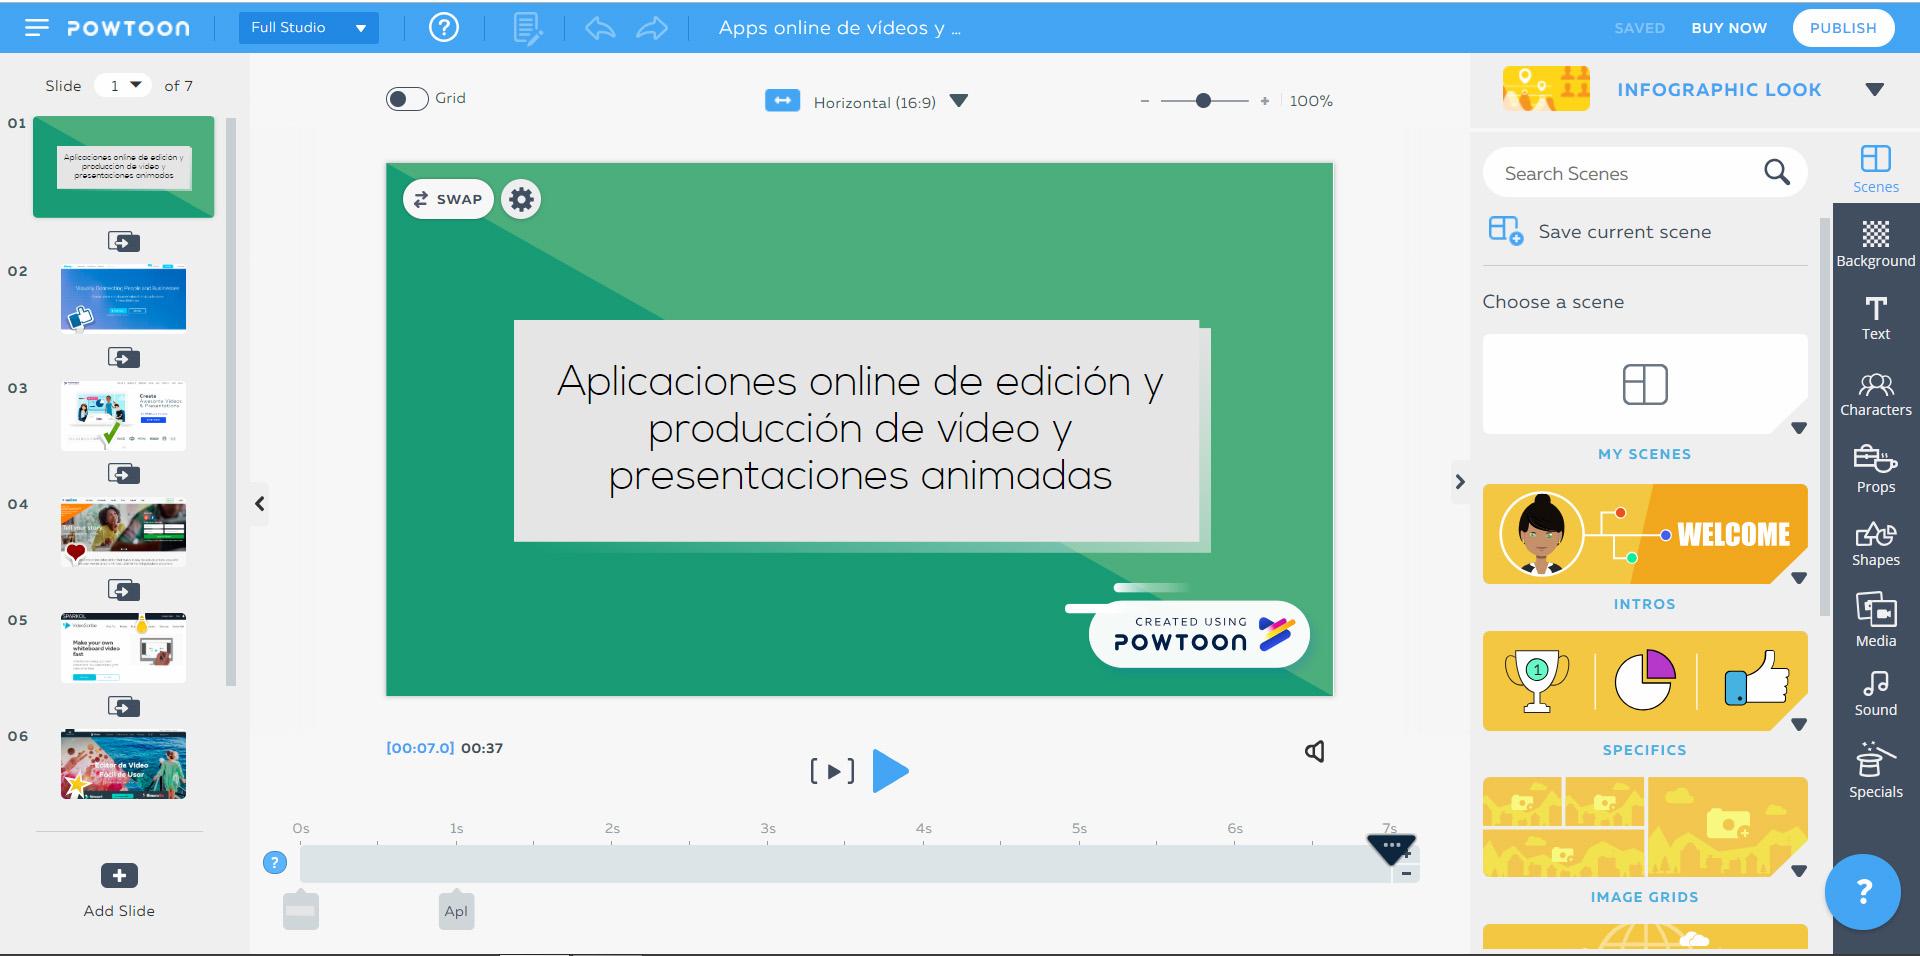 Aplicaciones online para edición y producción de vídeo y presentaciones animadas